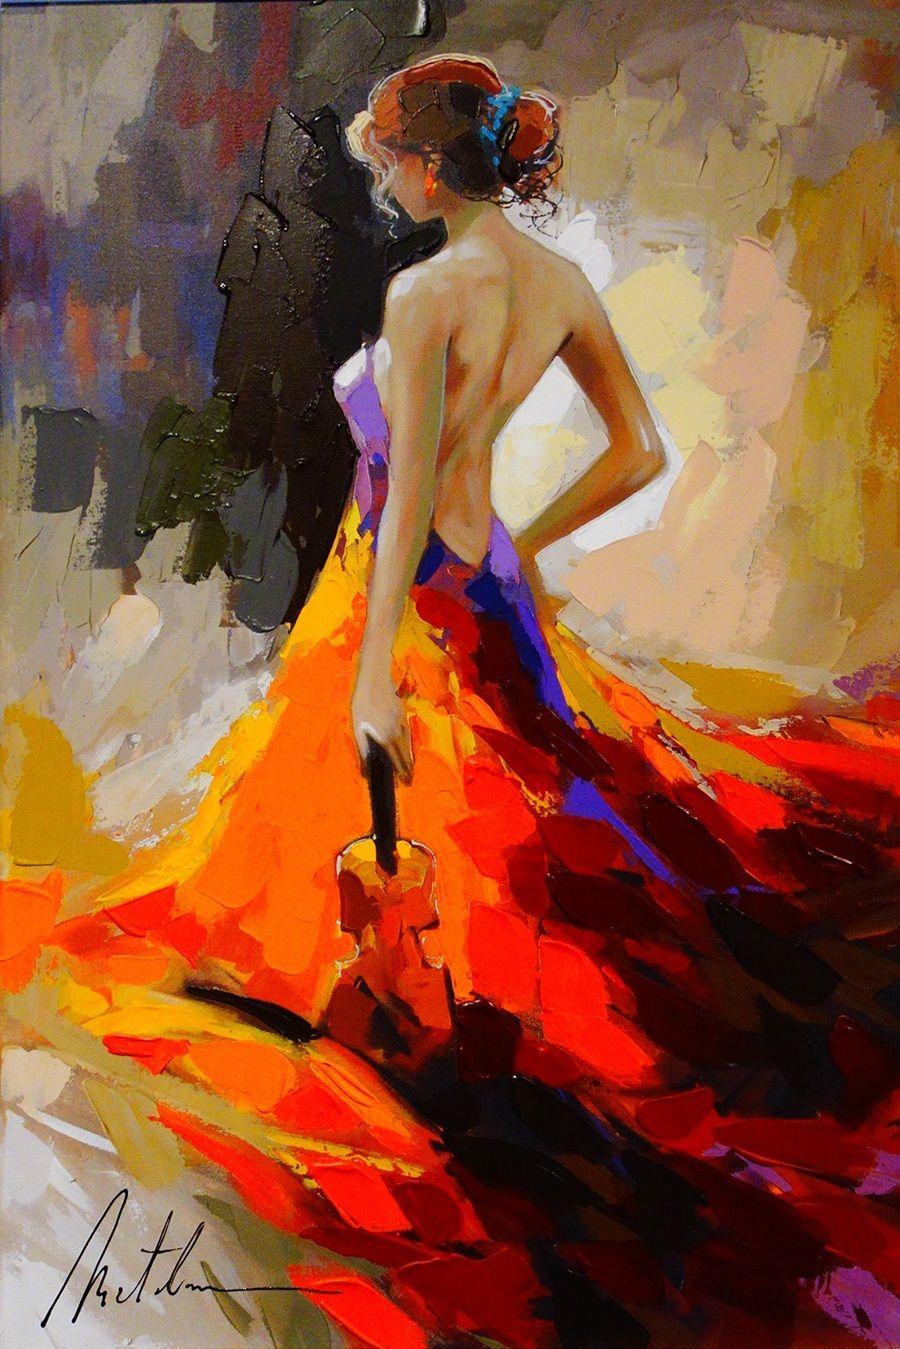 femme nue roses peinture artiste nue sexe